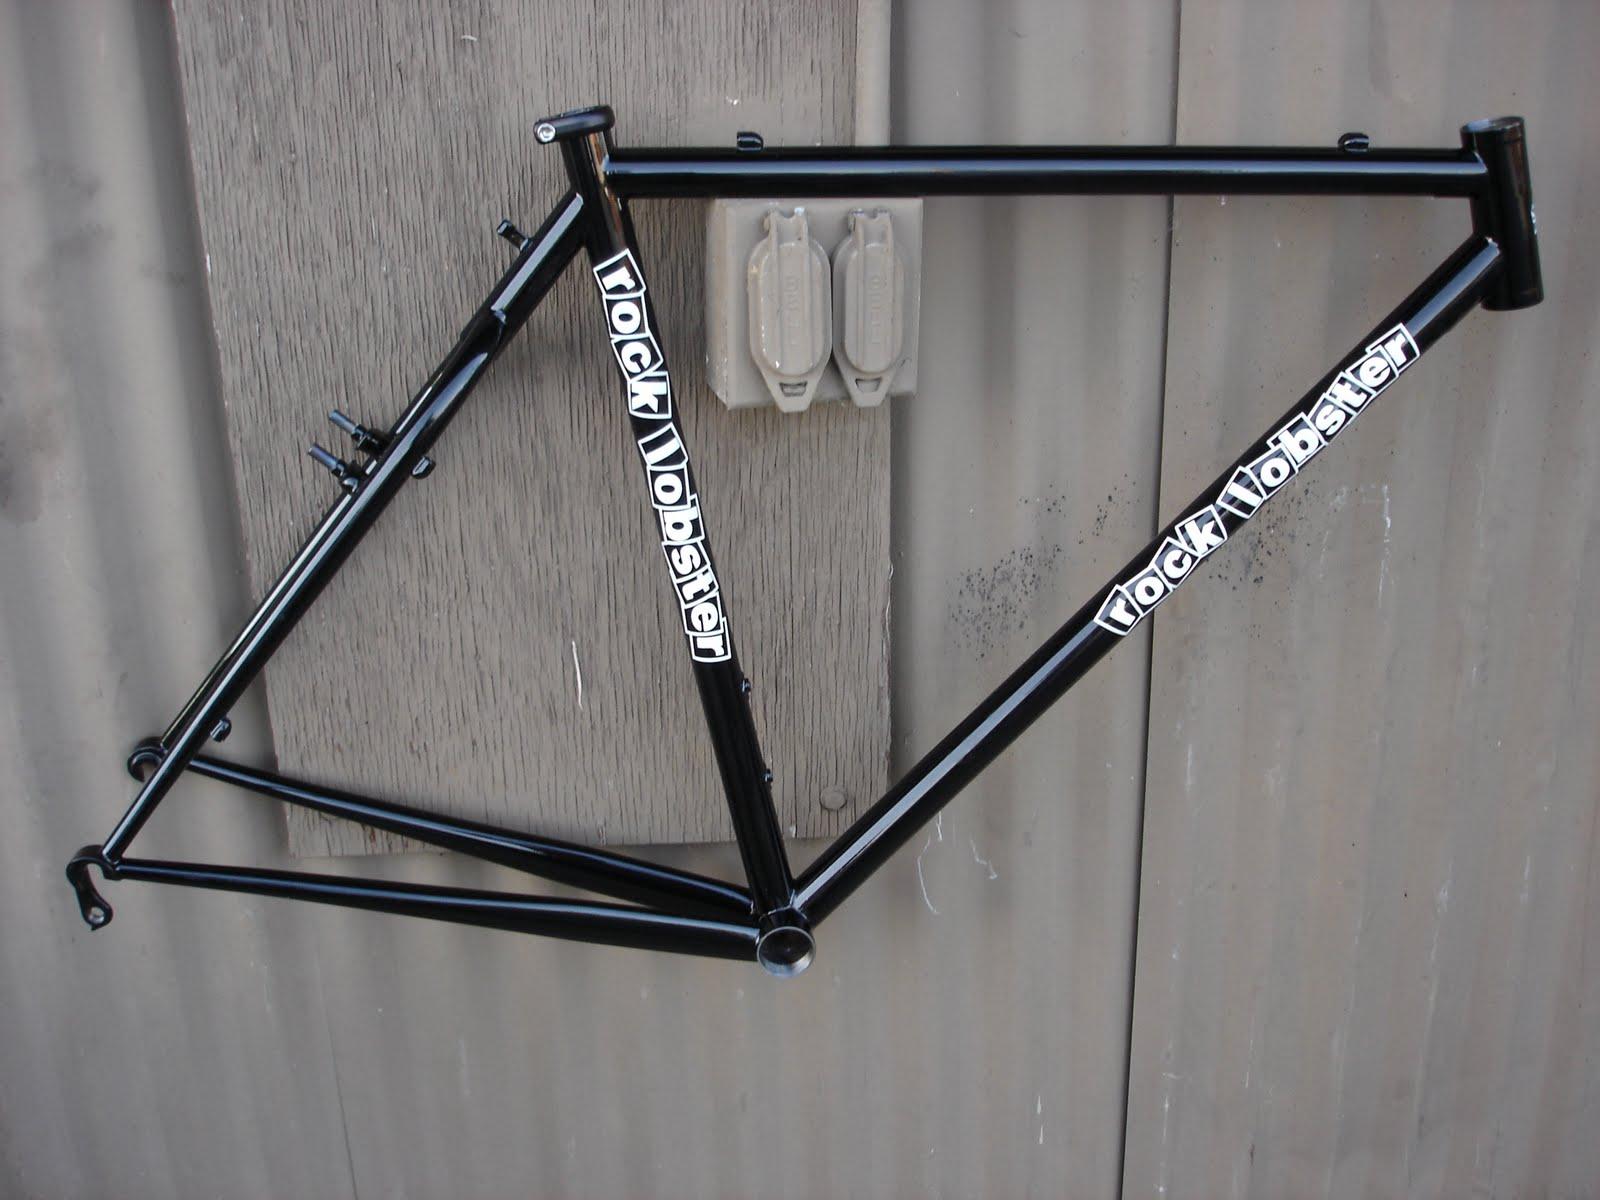 Cyclocross Steel Frame Ersatzteile Zu Dem Fahrrad